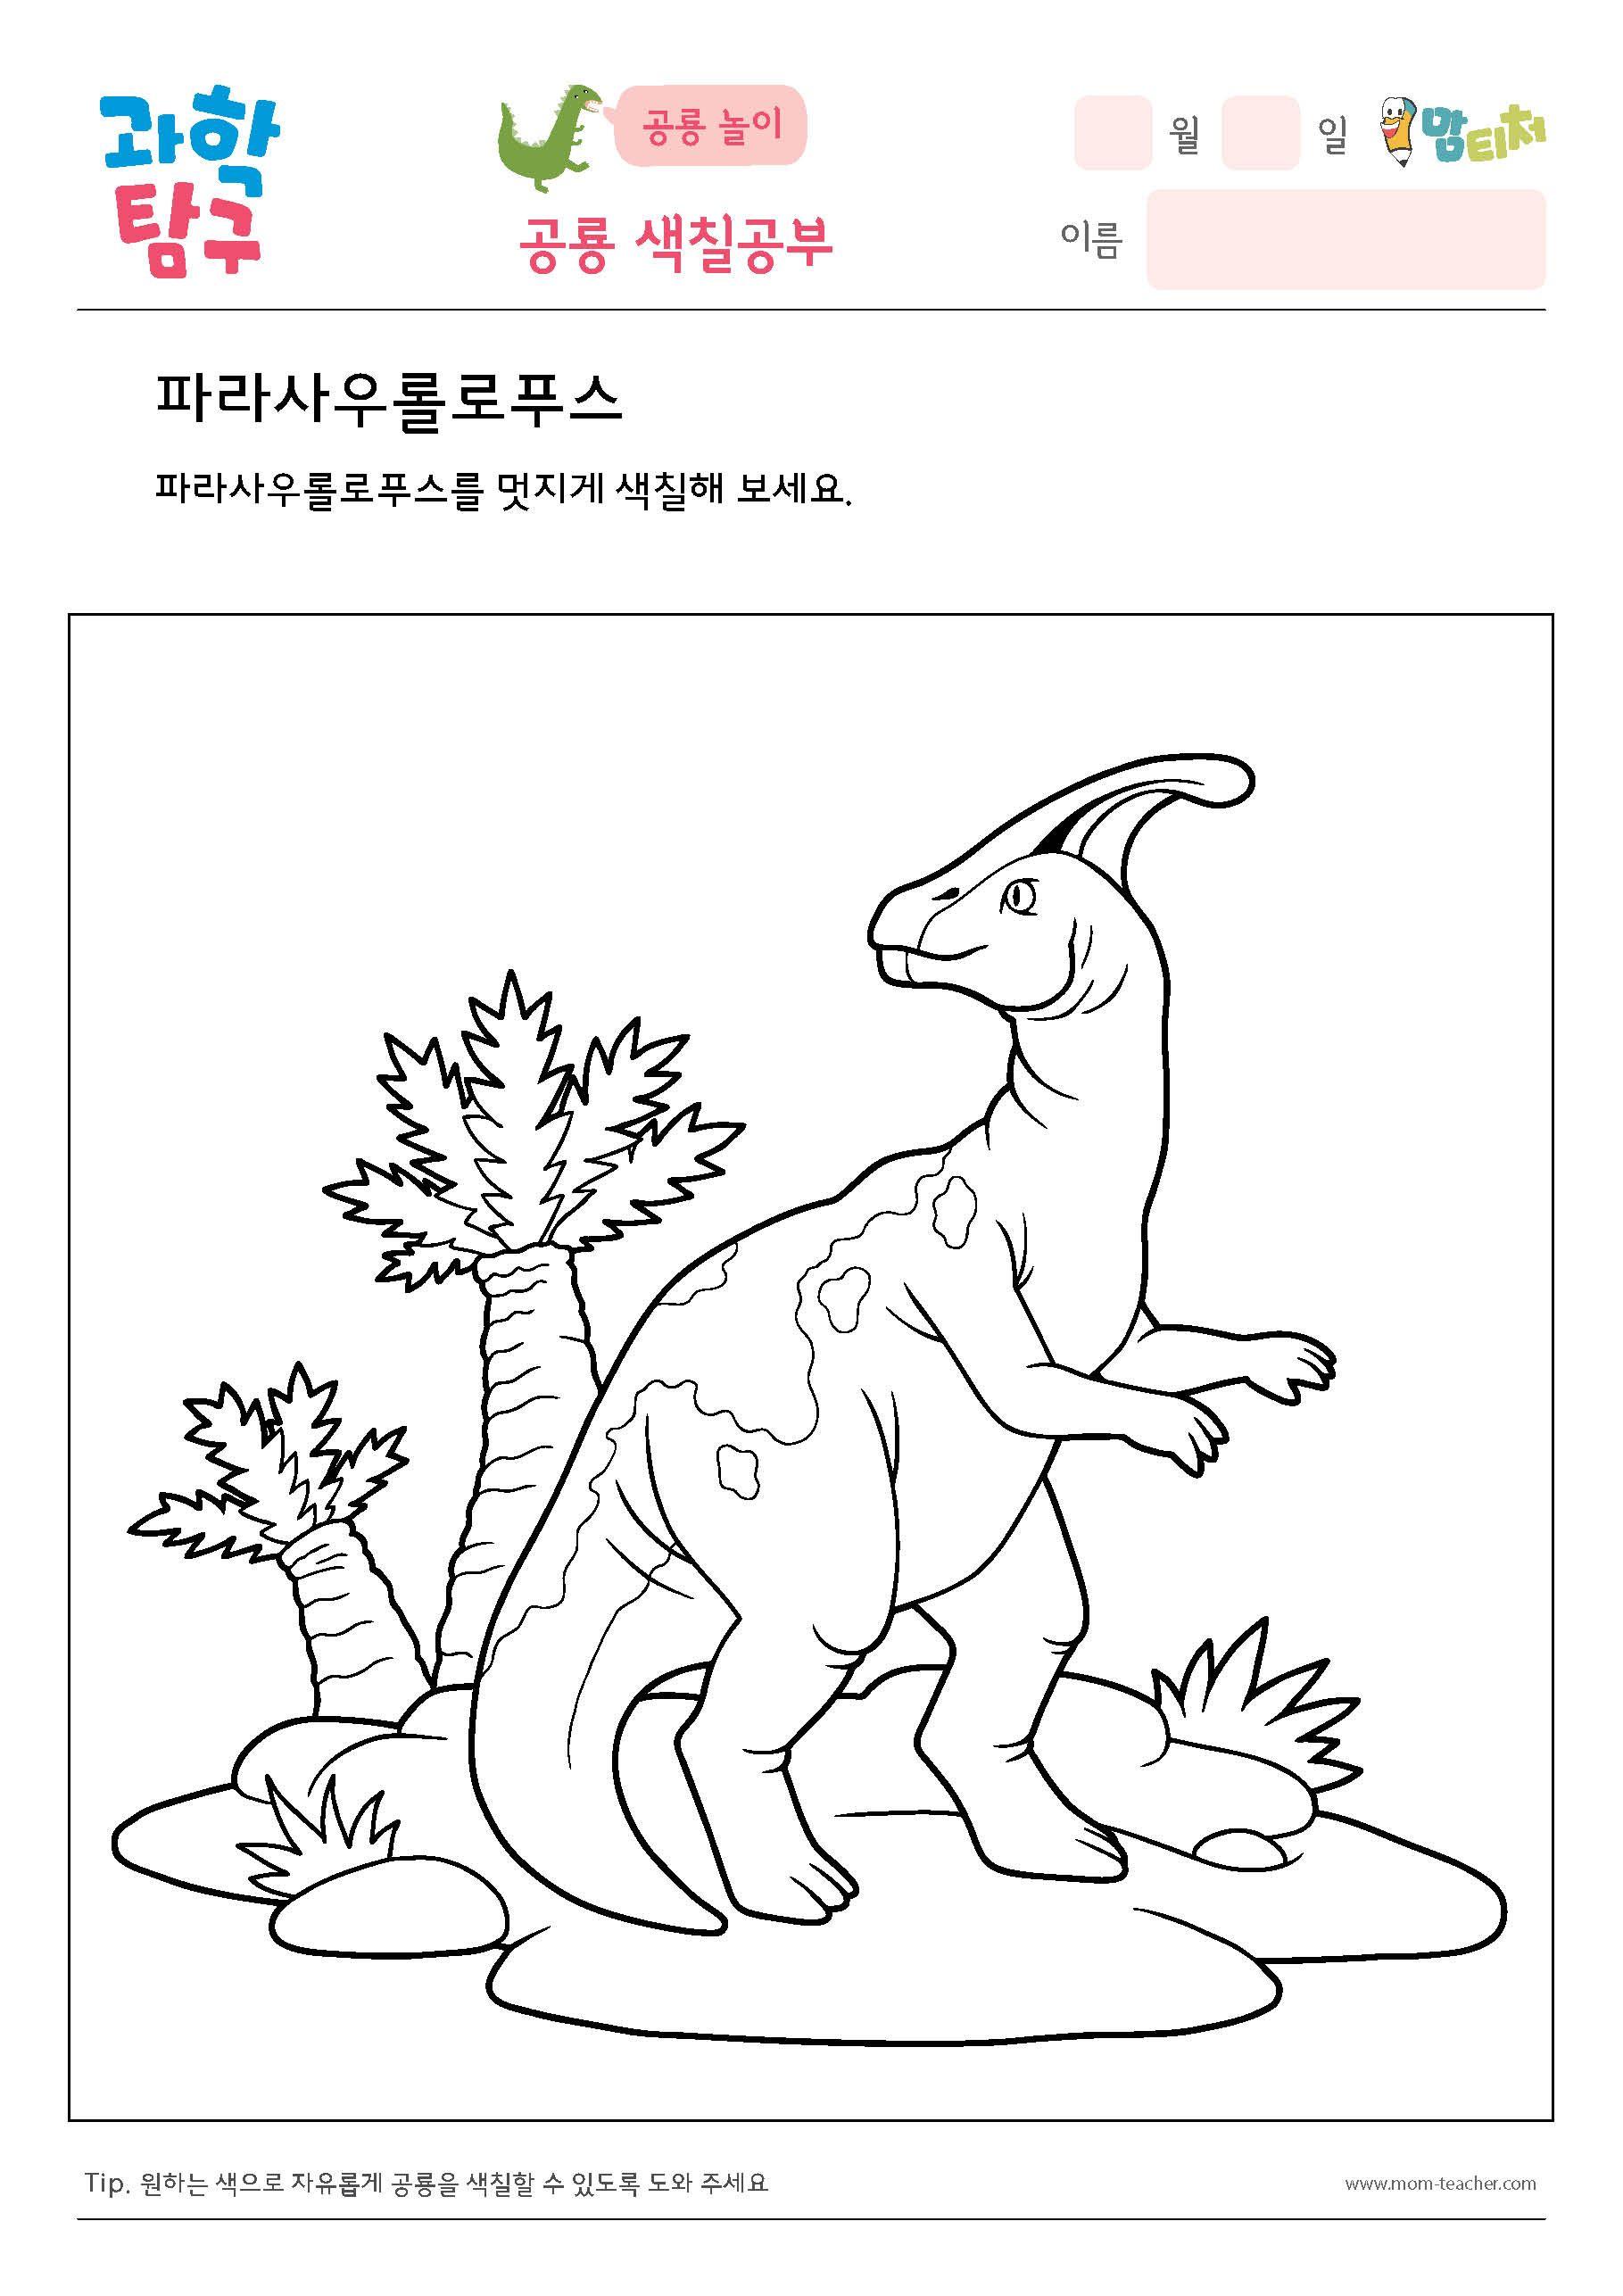 공룡 색칠공부 도안 Google 검색